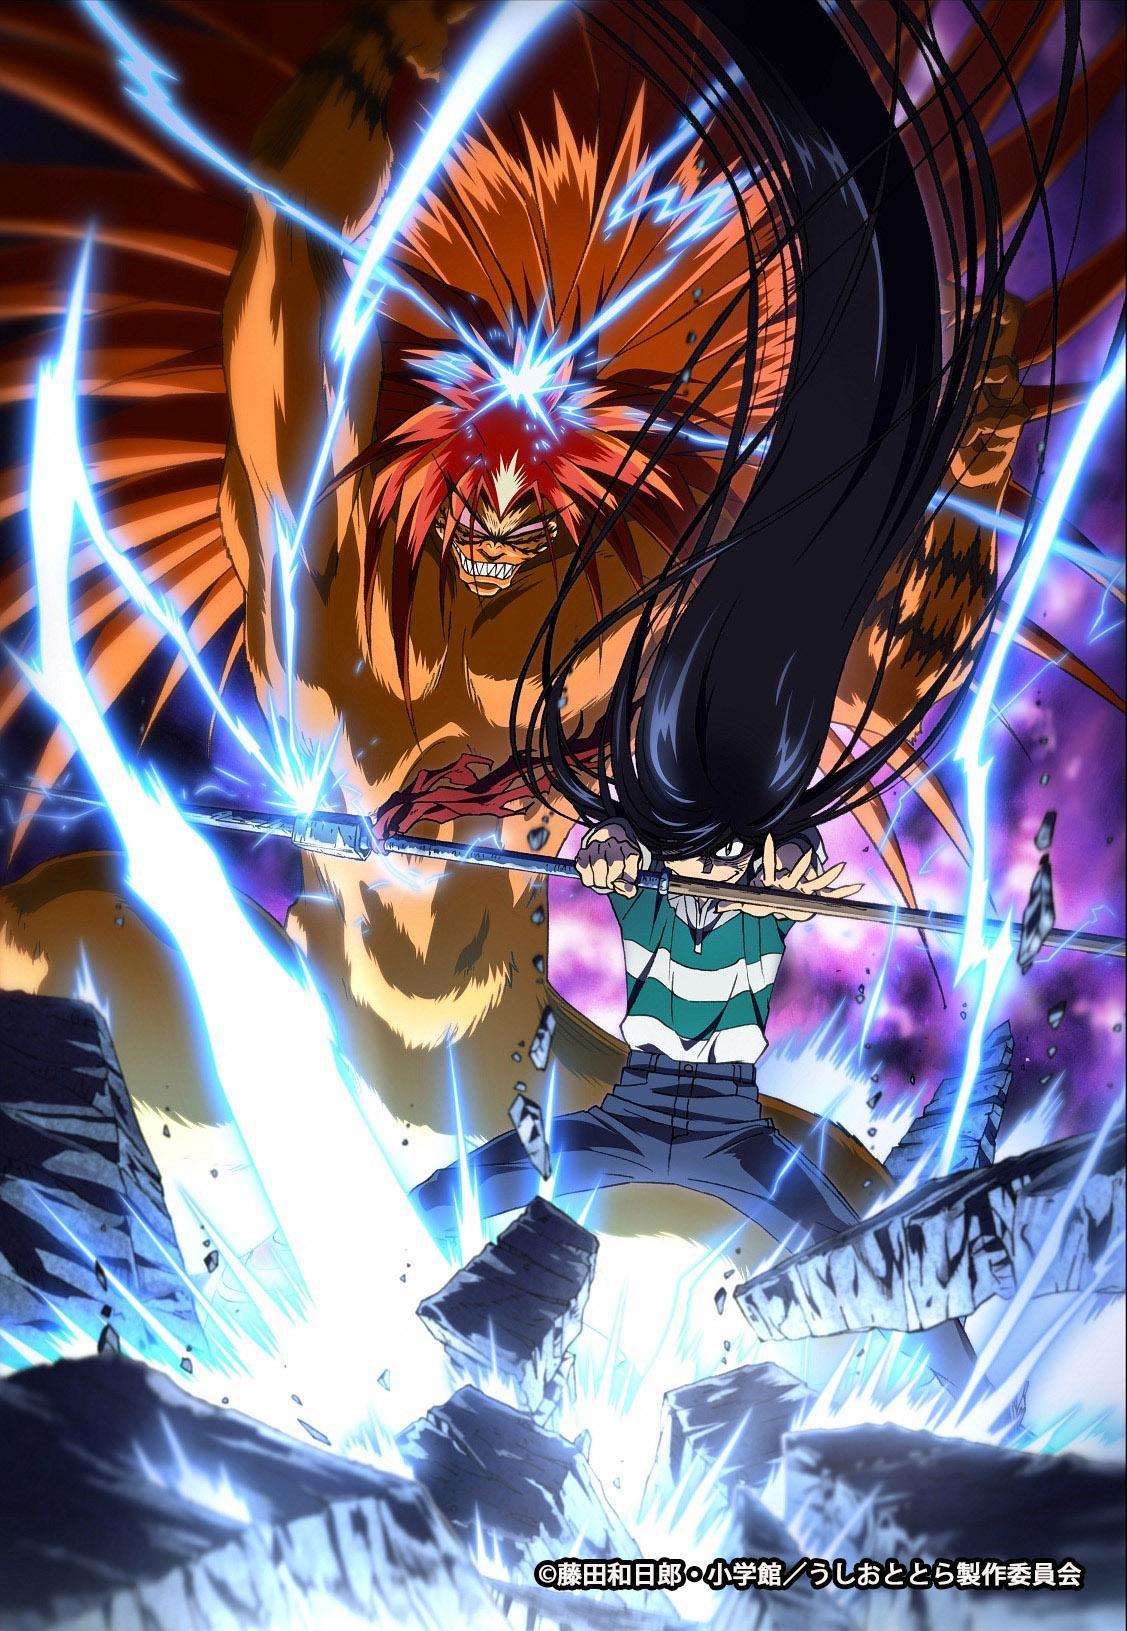 テレビアニメ『うしおととら』7月3日放送開始 主題歌は筋肉少女帯が担当